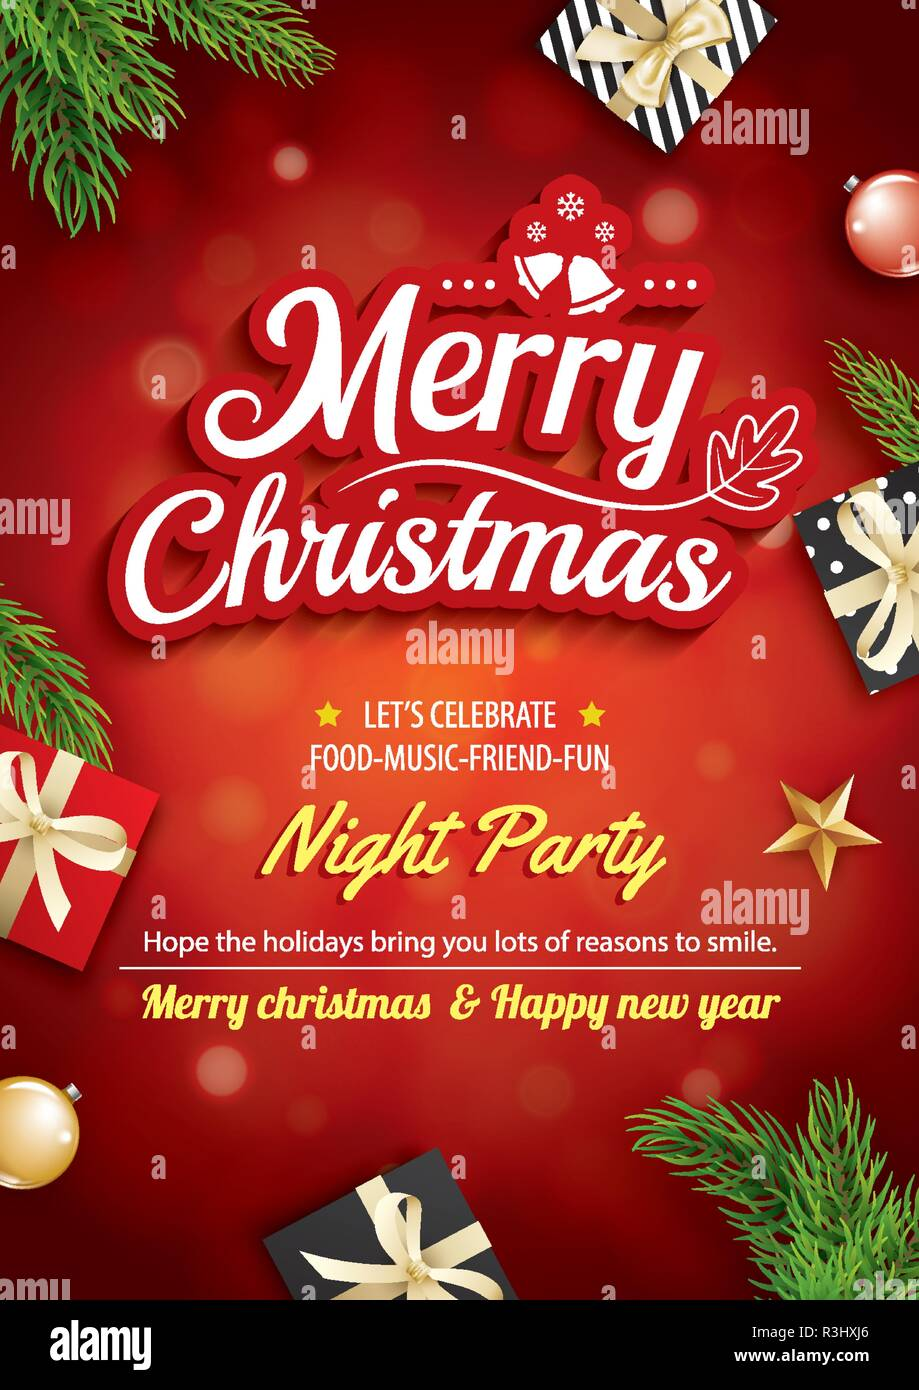 https www alamyimages fr joyeux noel carte de souhaits et partie sur fond rouge theme invitation concept happy holiday modele image225972830 html